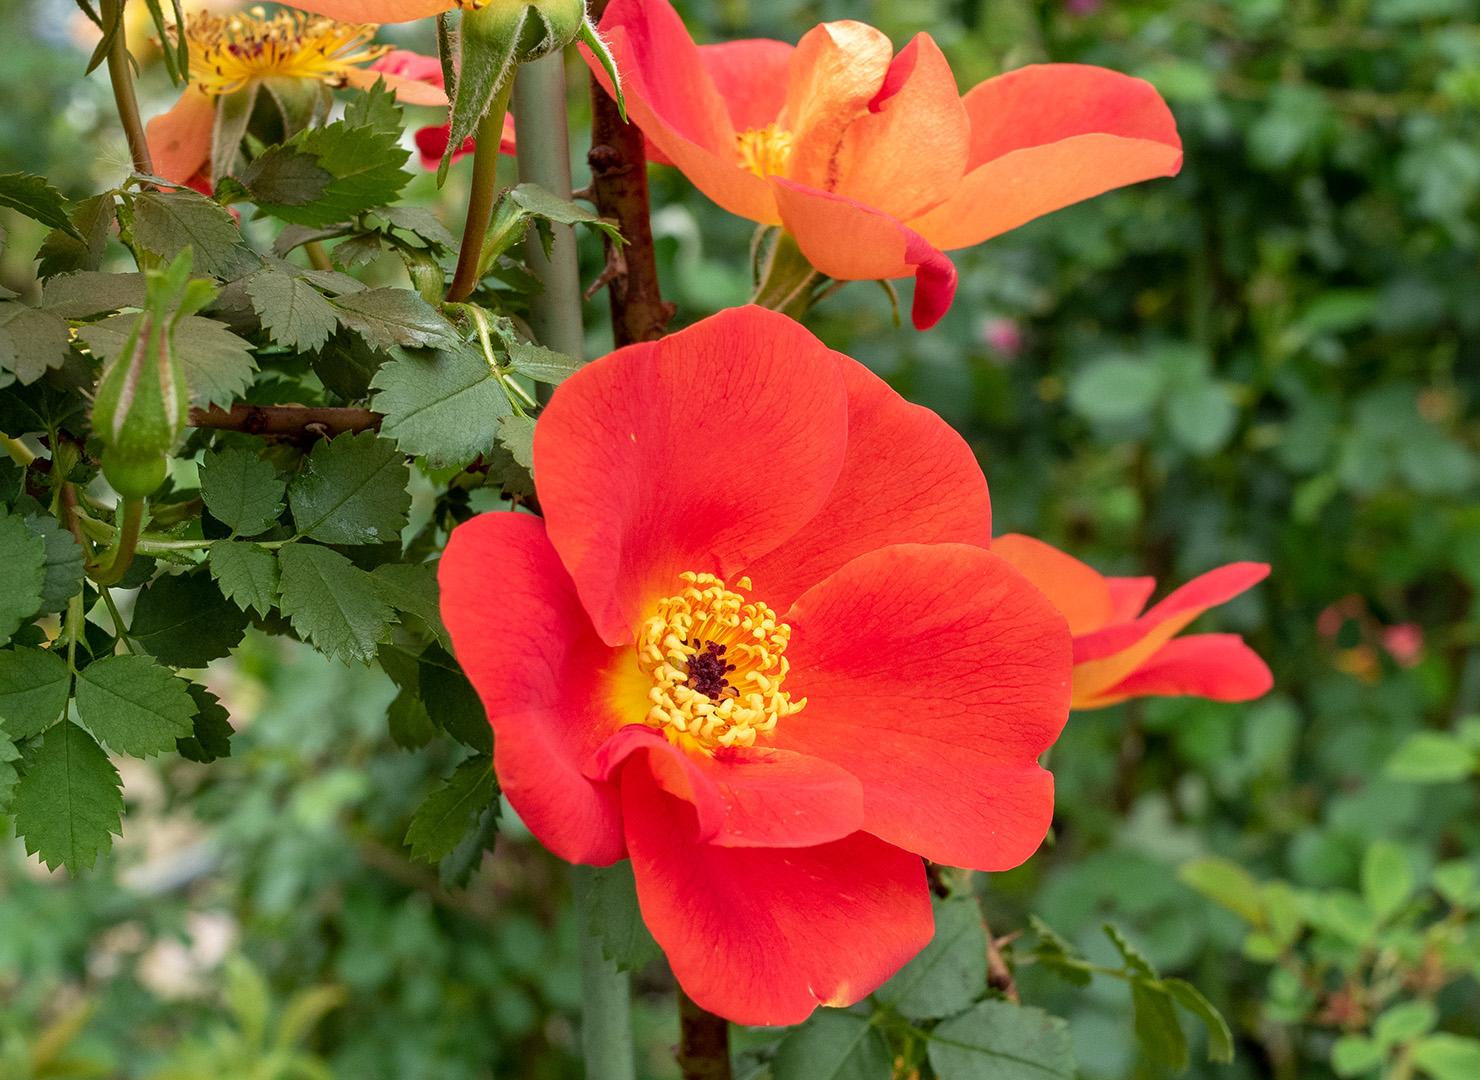 ロサ フェティダ ビカラー - Rosa foetida bicolor